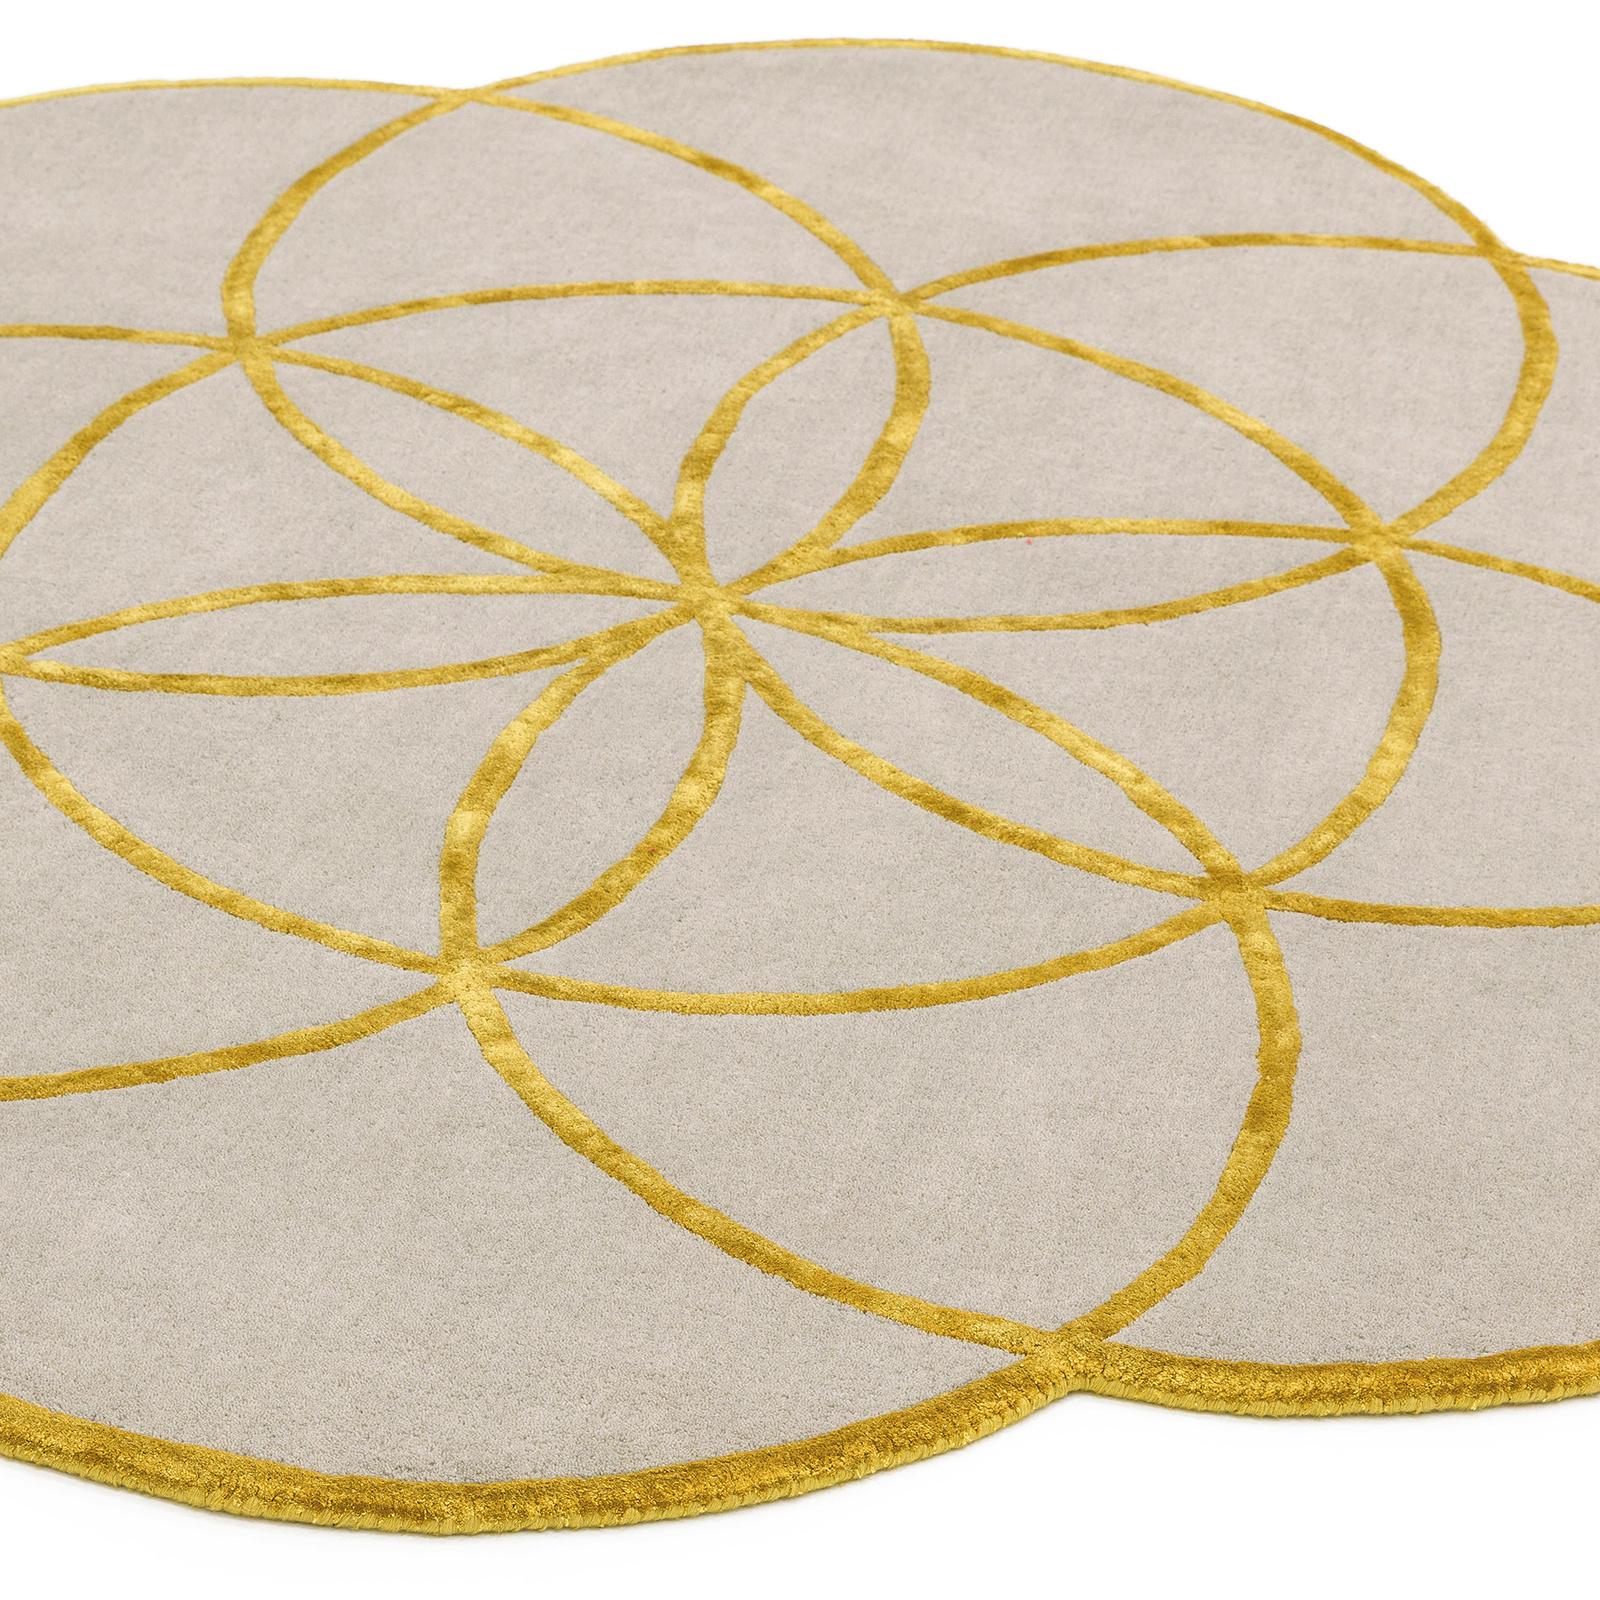 Lotus - Gold